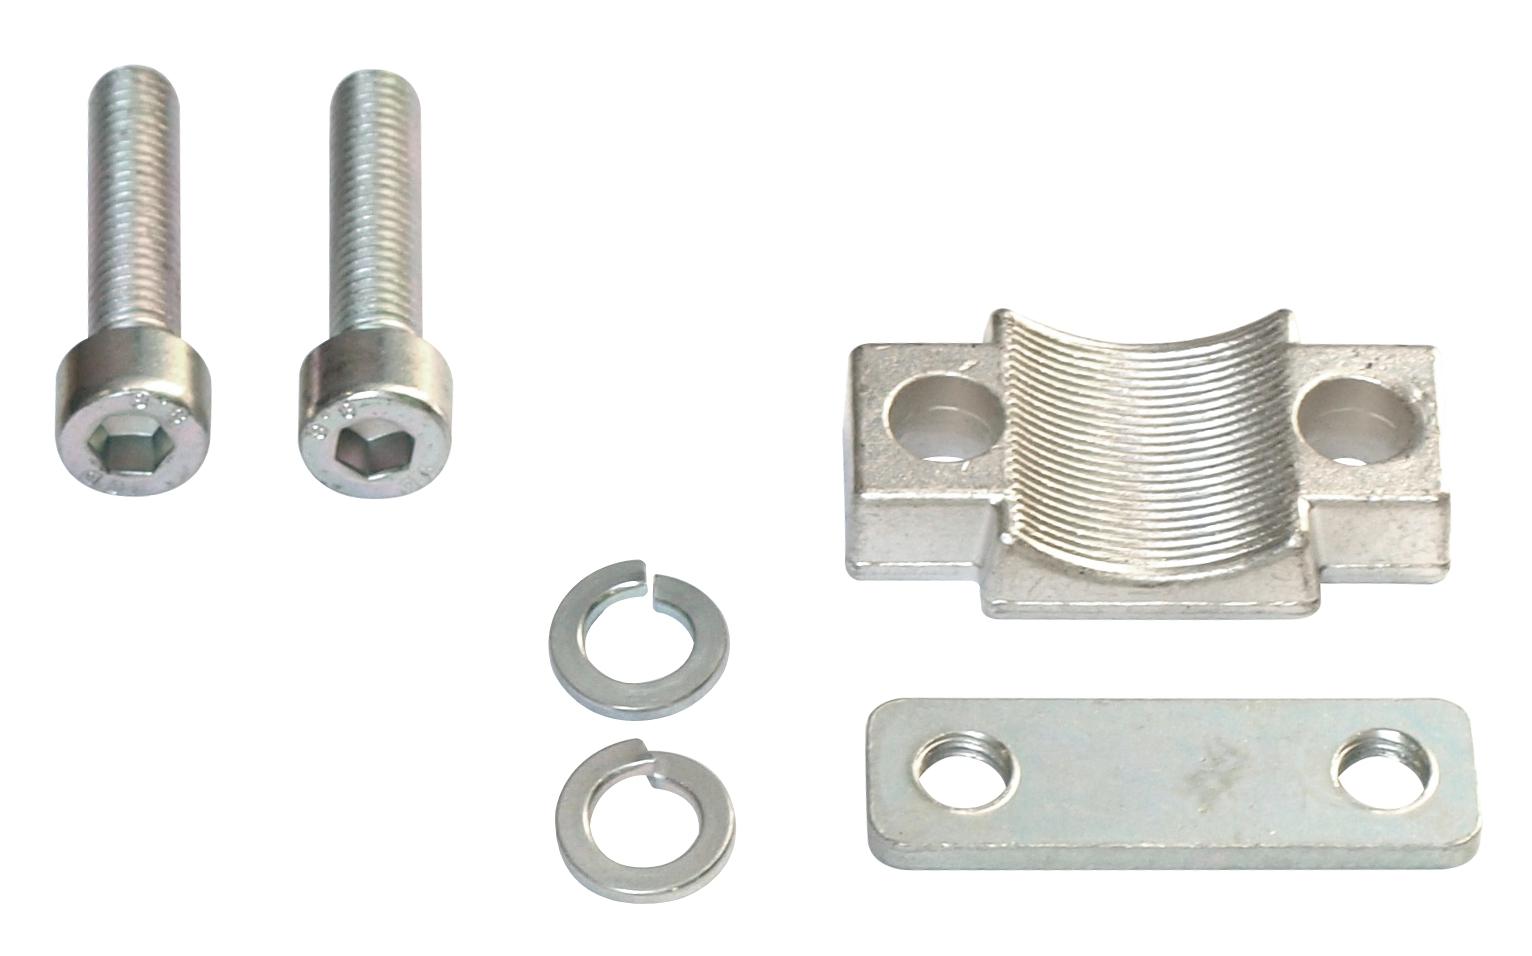 1 Stk Schellenanschluß für Gr. 3, 150-300 mm² SI331650--